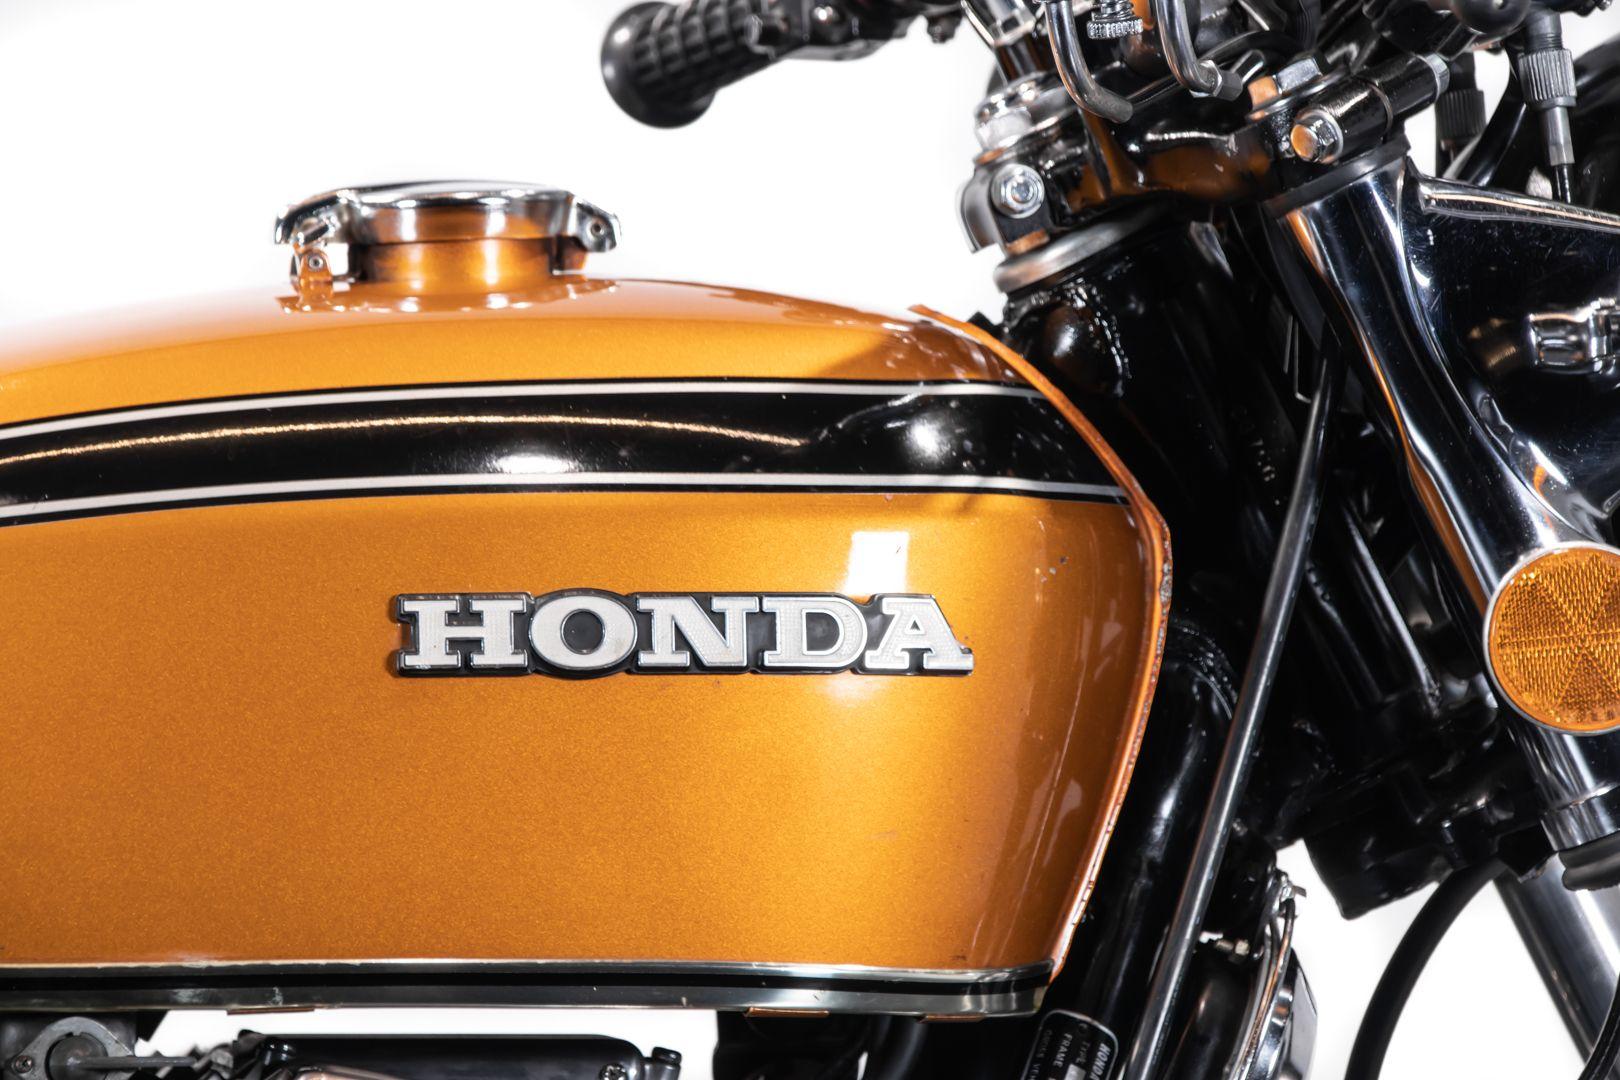 1973 Honda CB 750 Four 74186